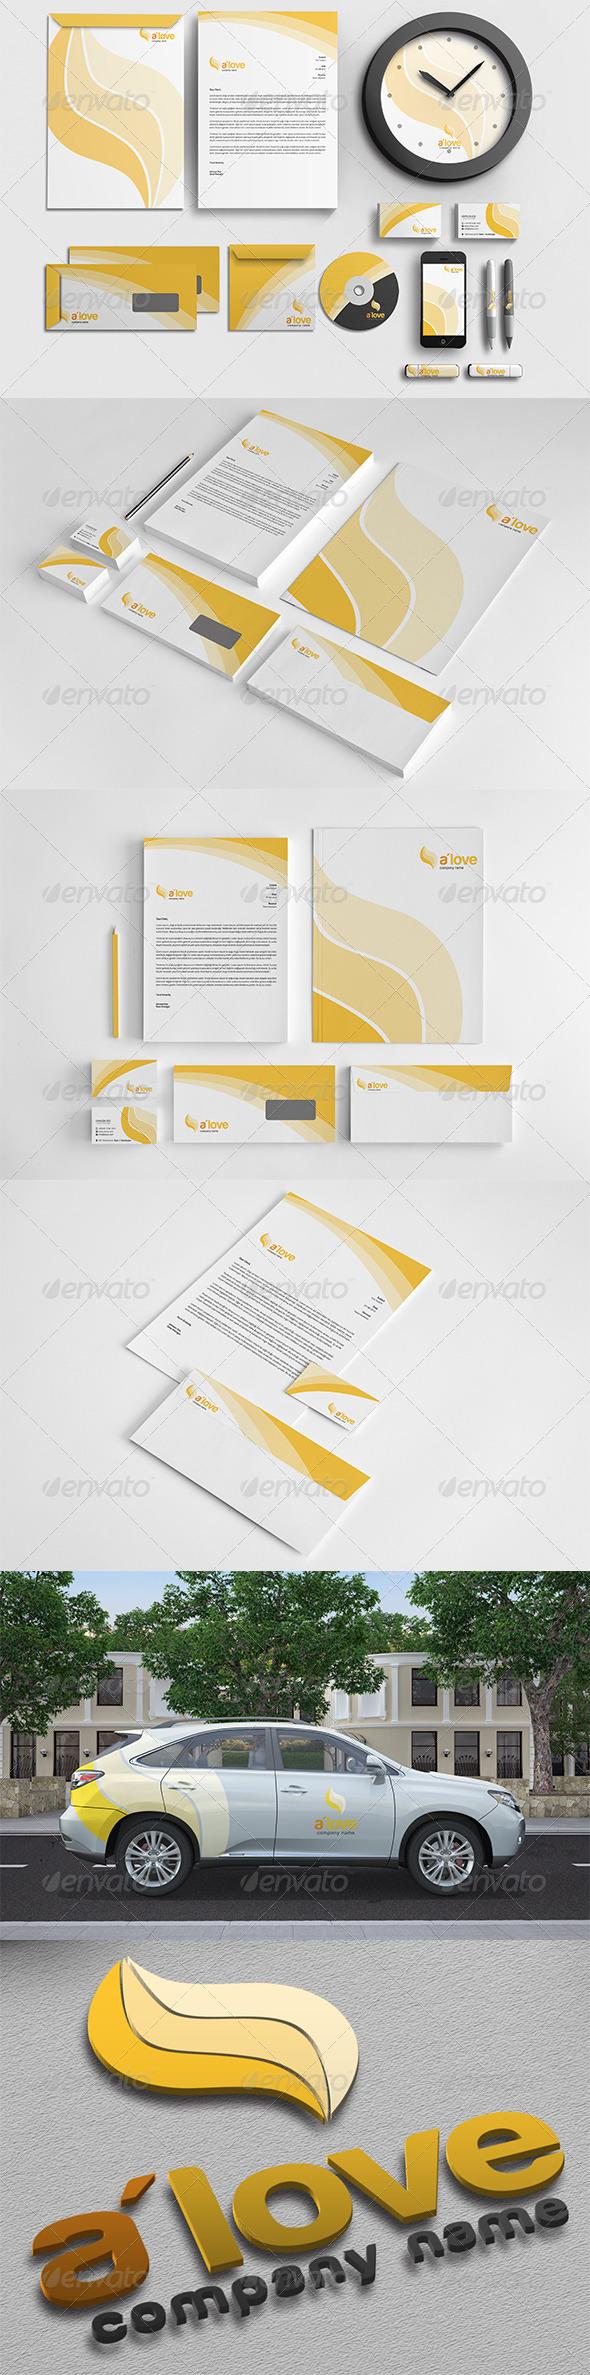 GraphicRiver A love Corporate Identity 5147195